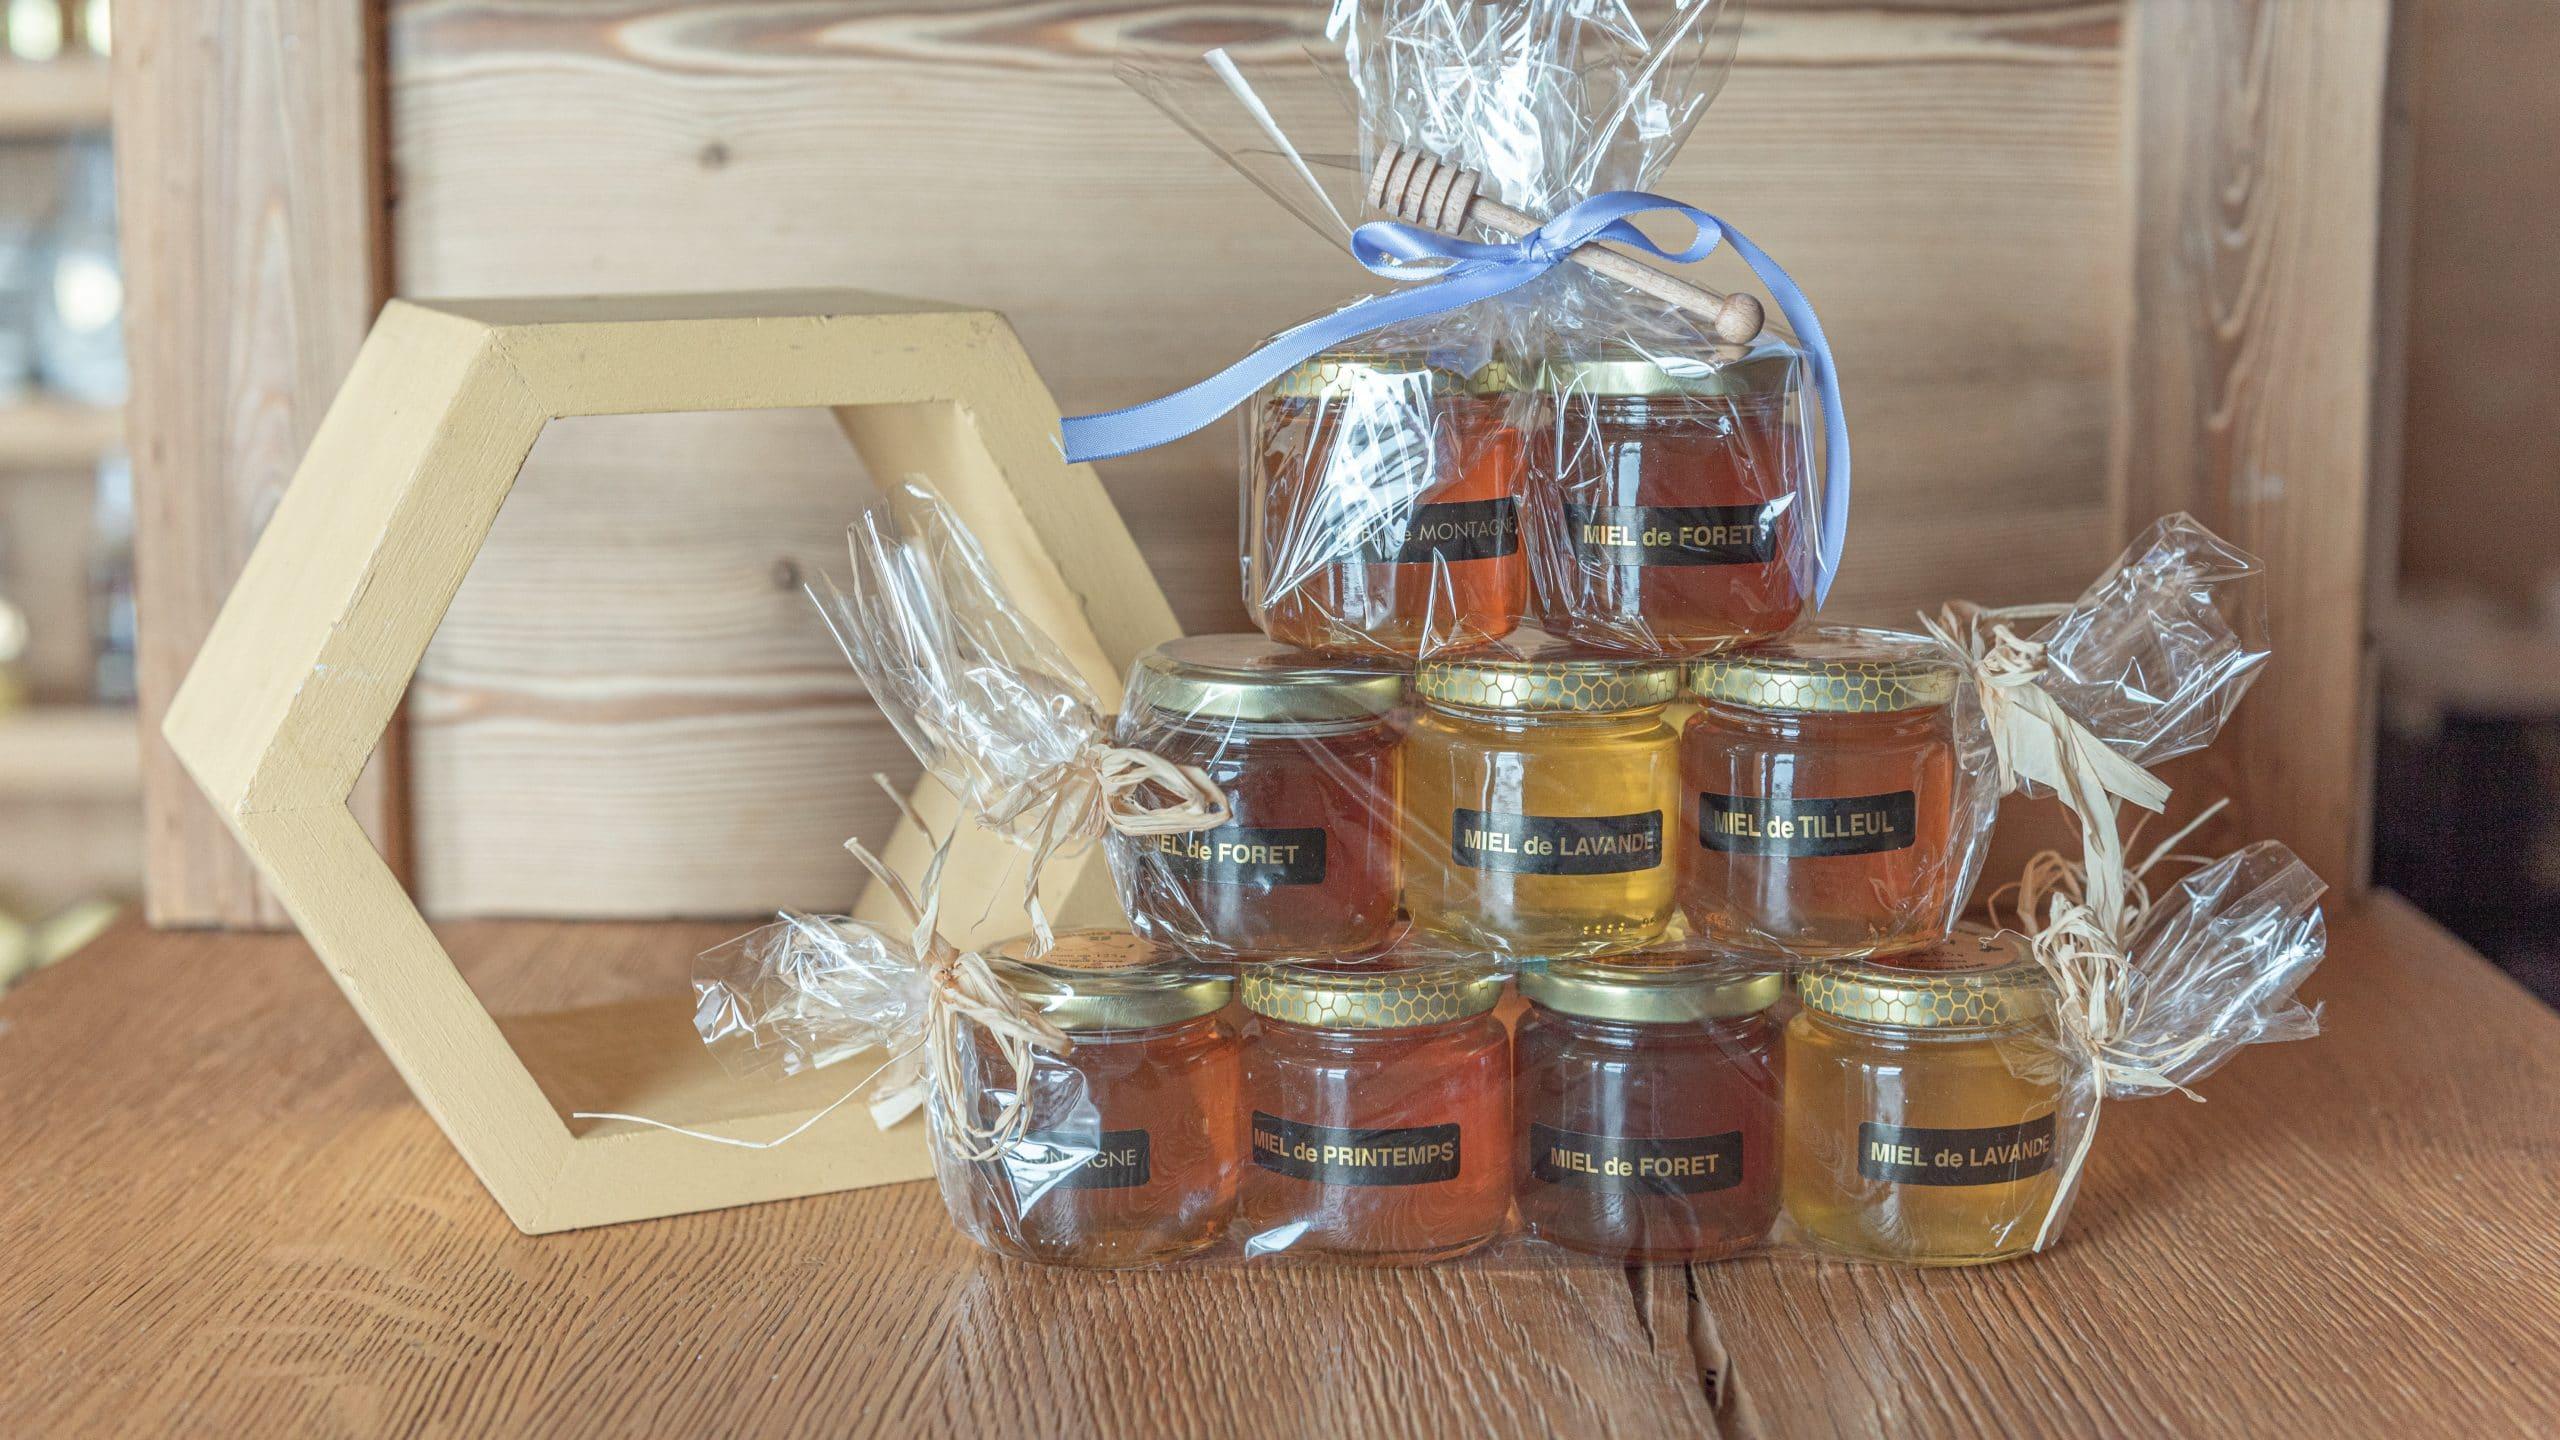 miel artisanal de Savoie de la Miellerie des Arves